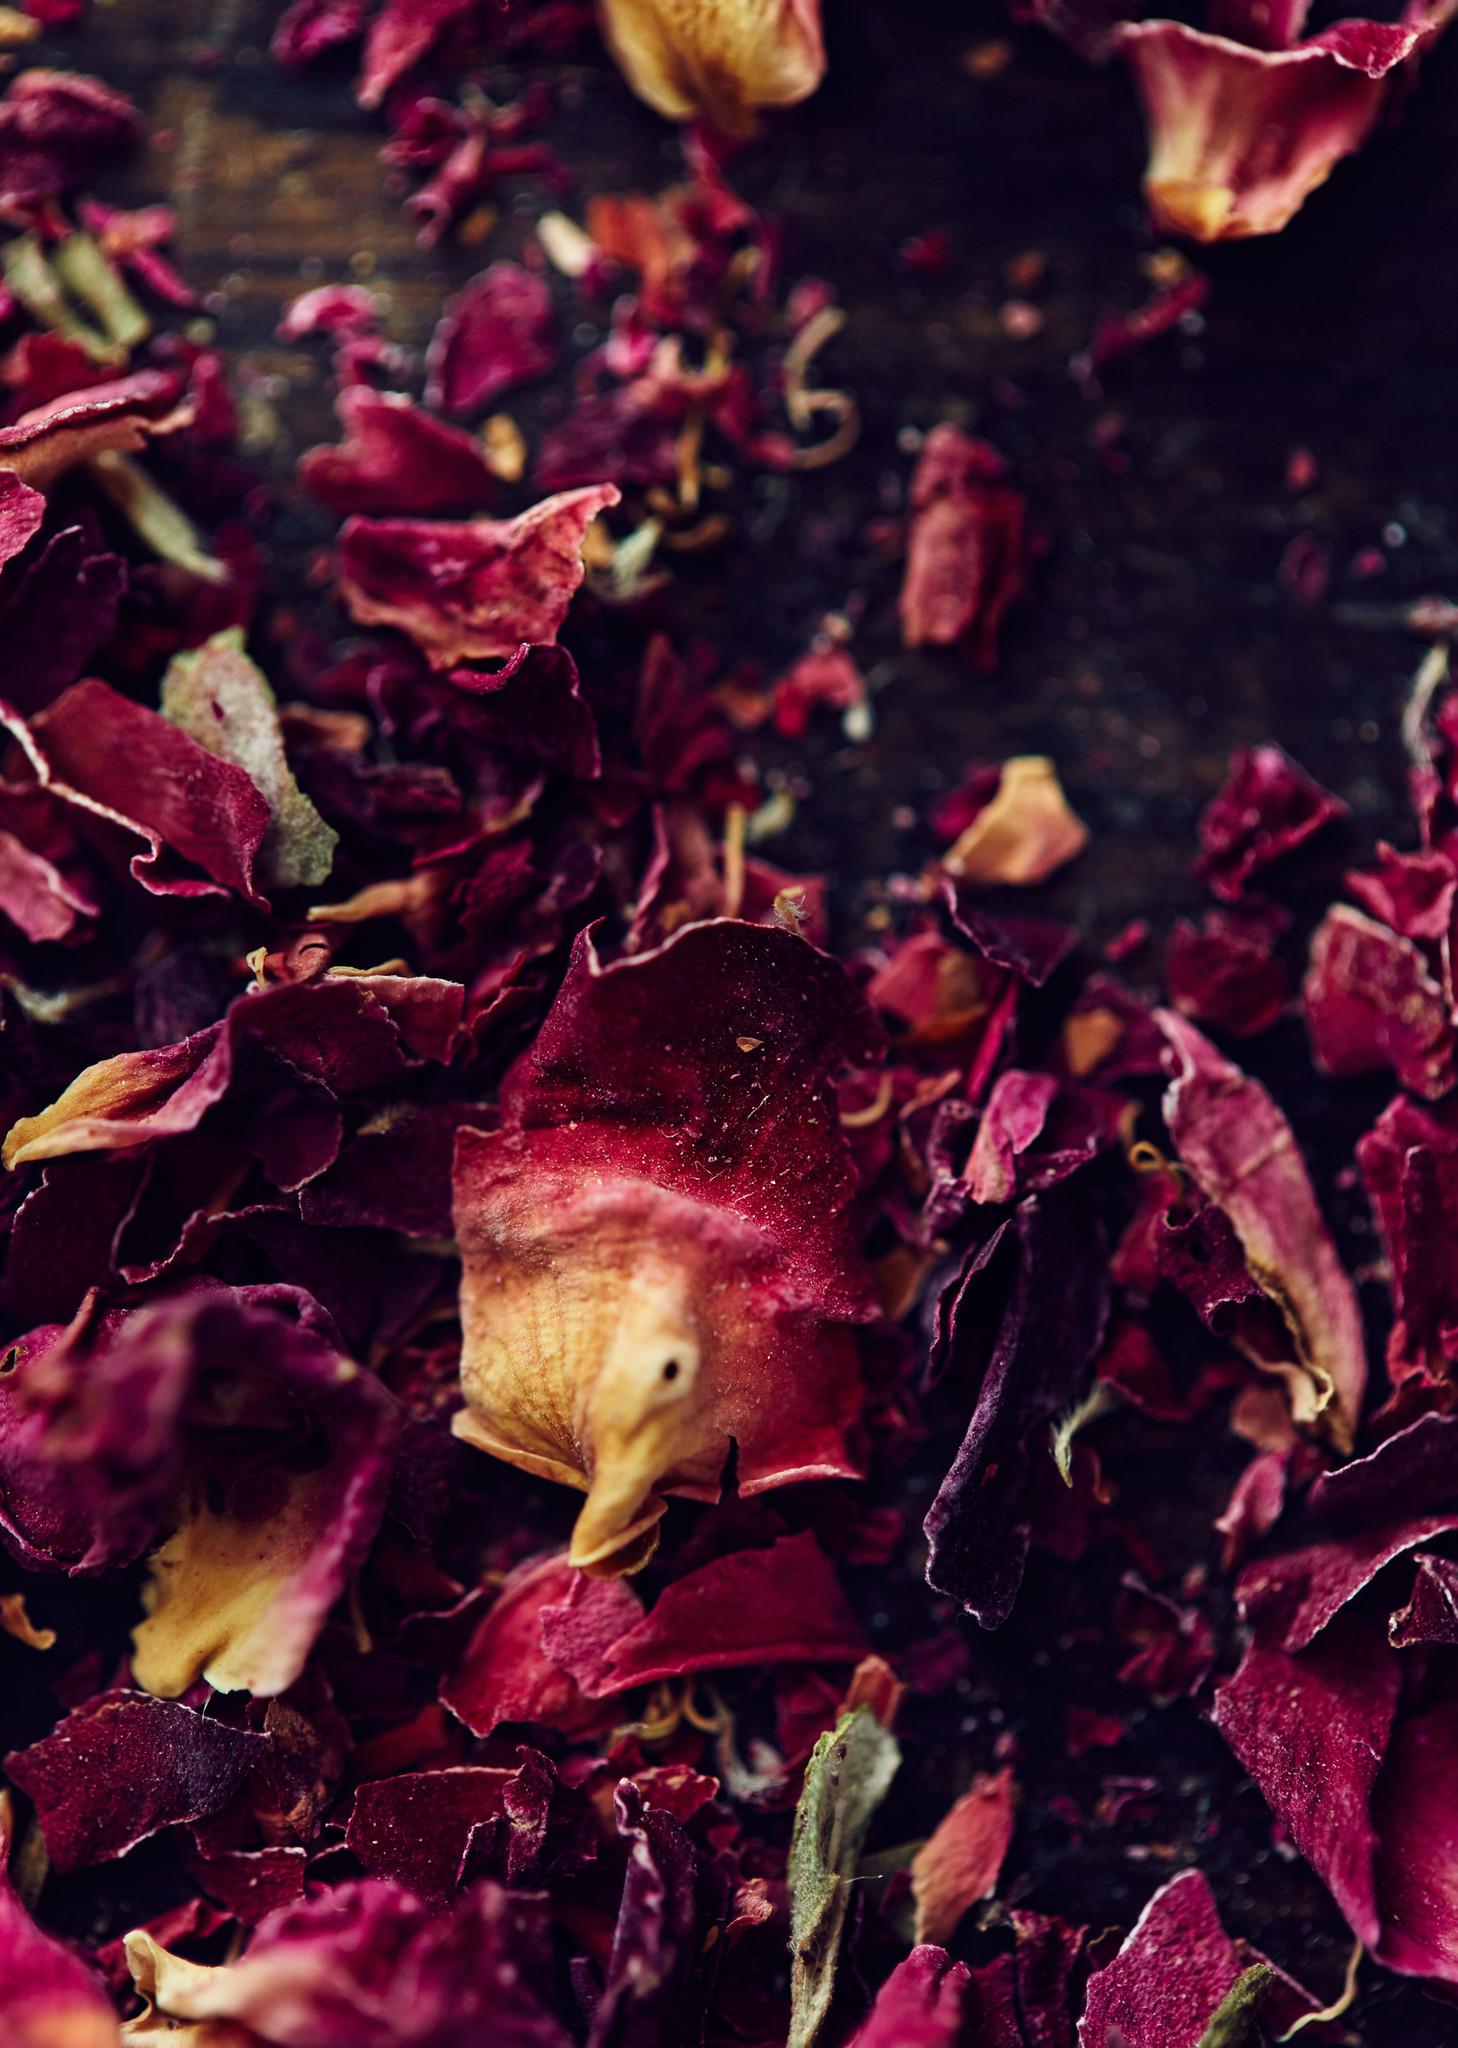 Rose-Petals_2048x2048